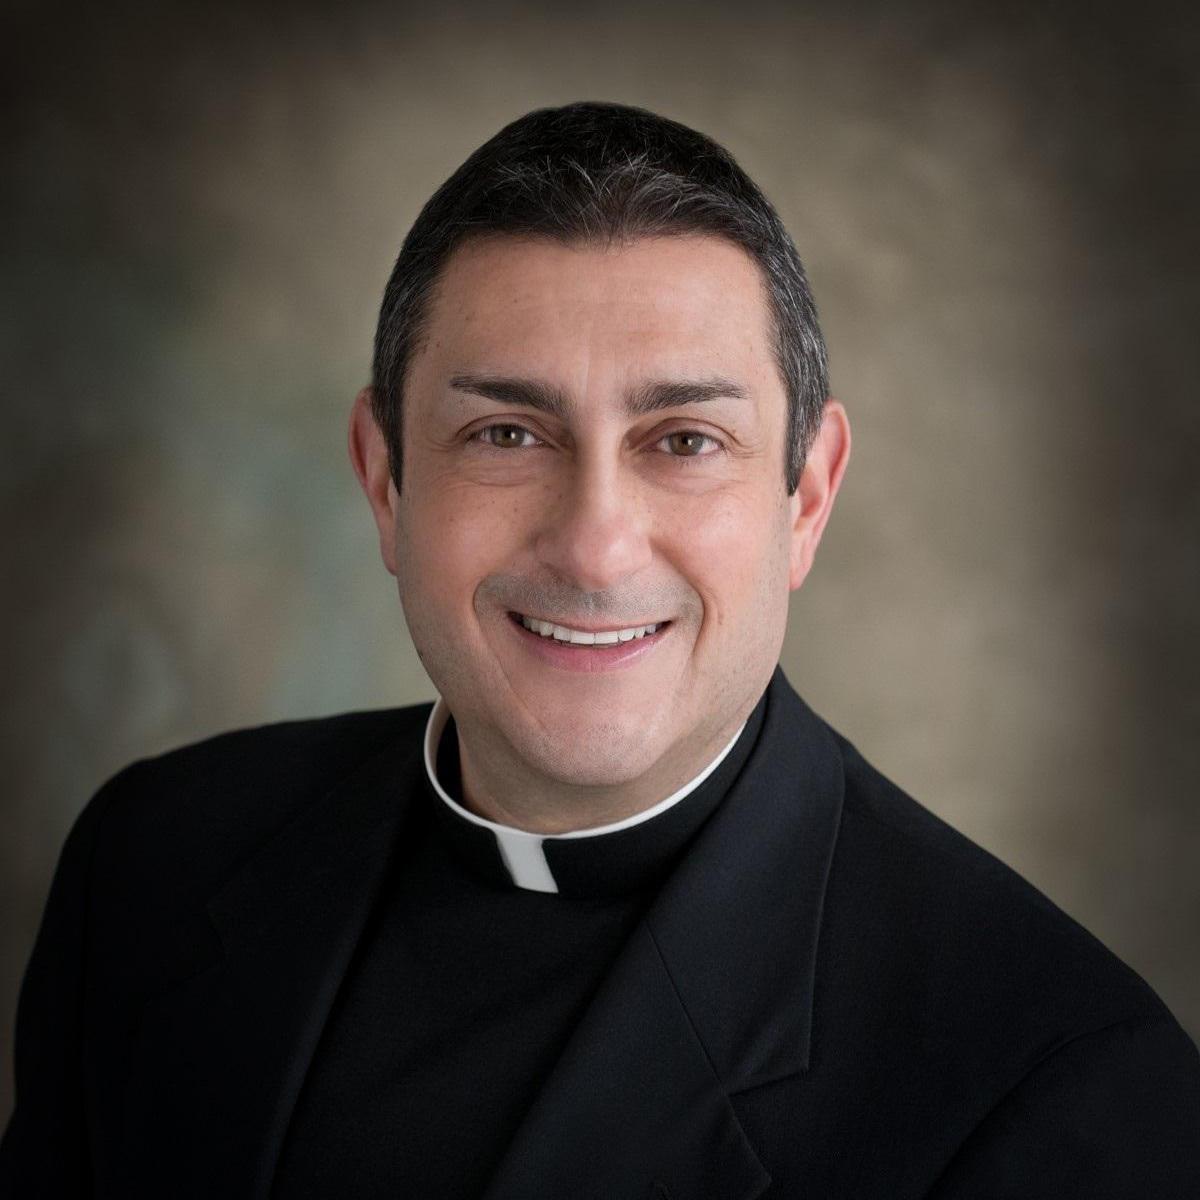 Rev. Carl Morello's Profile Photo